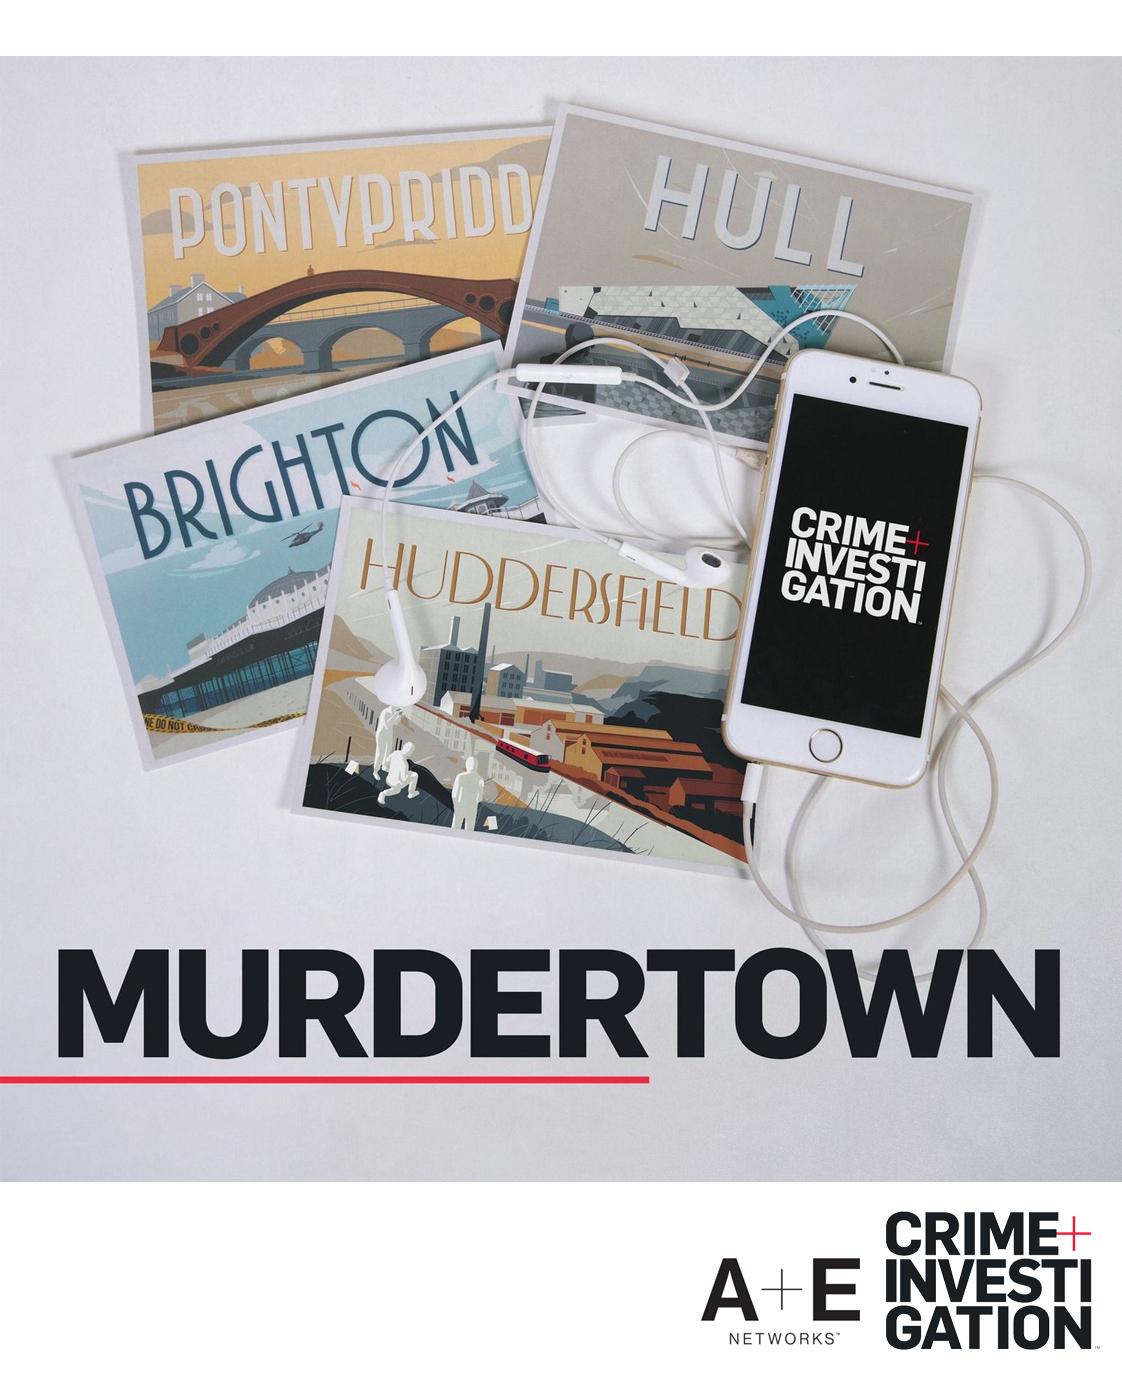 True Crime 10 episodePodcast Series - RESEARCHER & SCRIPTWRITERA COMPANION PODCAST:A+E Crime & Investigation TV SERIES 'MURDERTOWN'